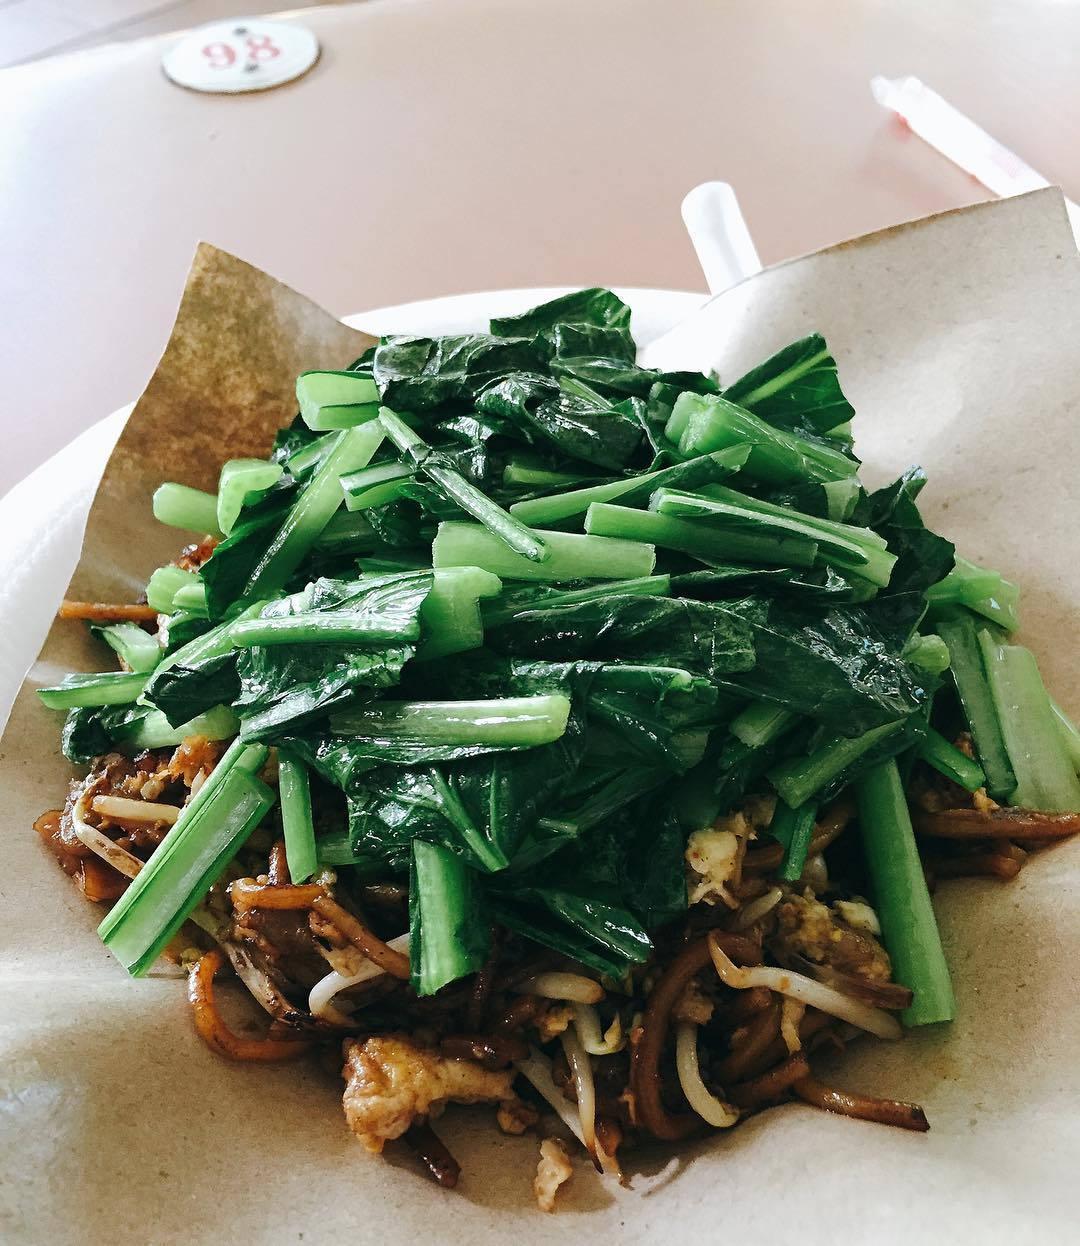 Pasir Panjang Food Centre - Heng Huat Fried Kway Teow